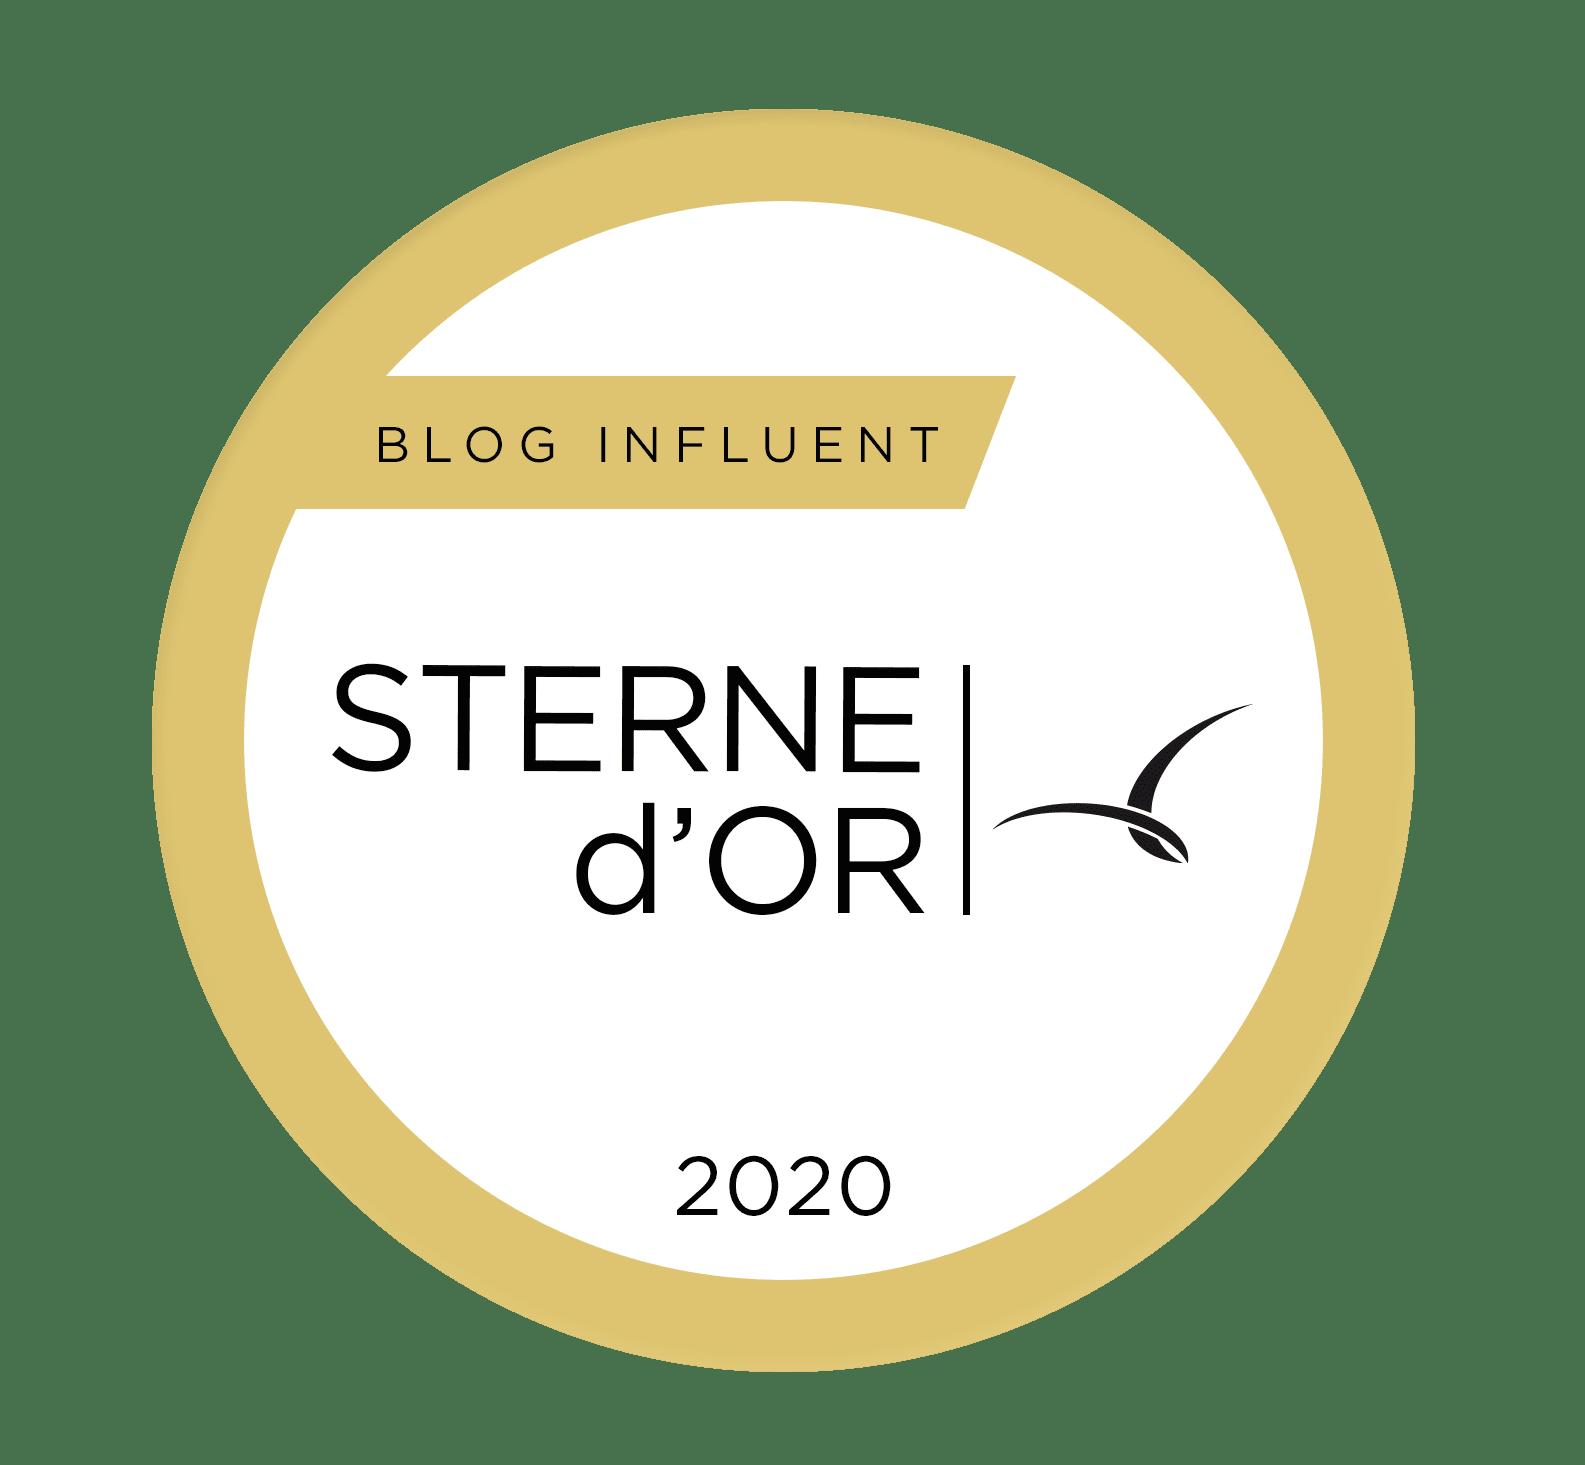 groupe-sterne-blog